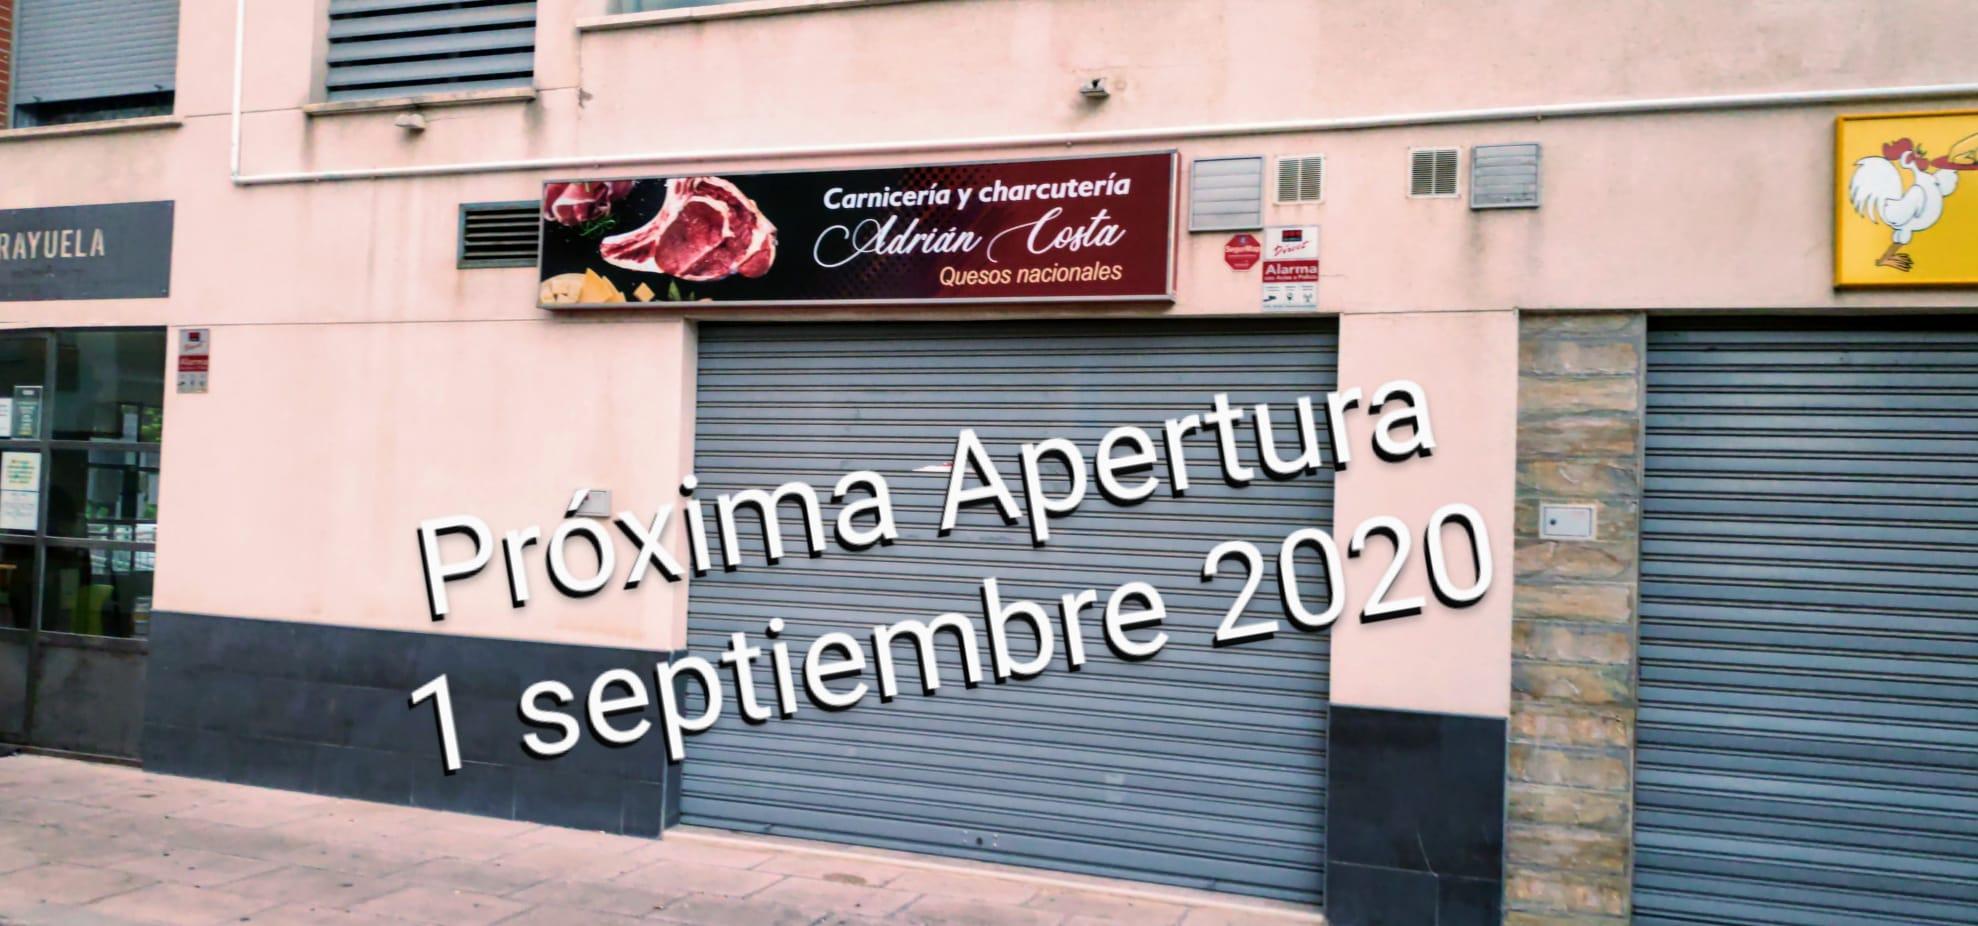 Fachada Carnicería Costa Próxima Apertura 1 Septiembre 2020 en Joven Futura